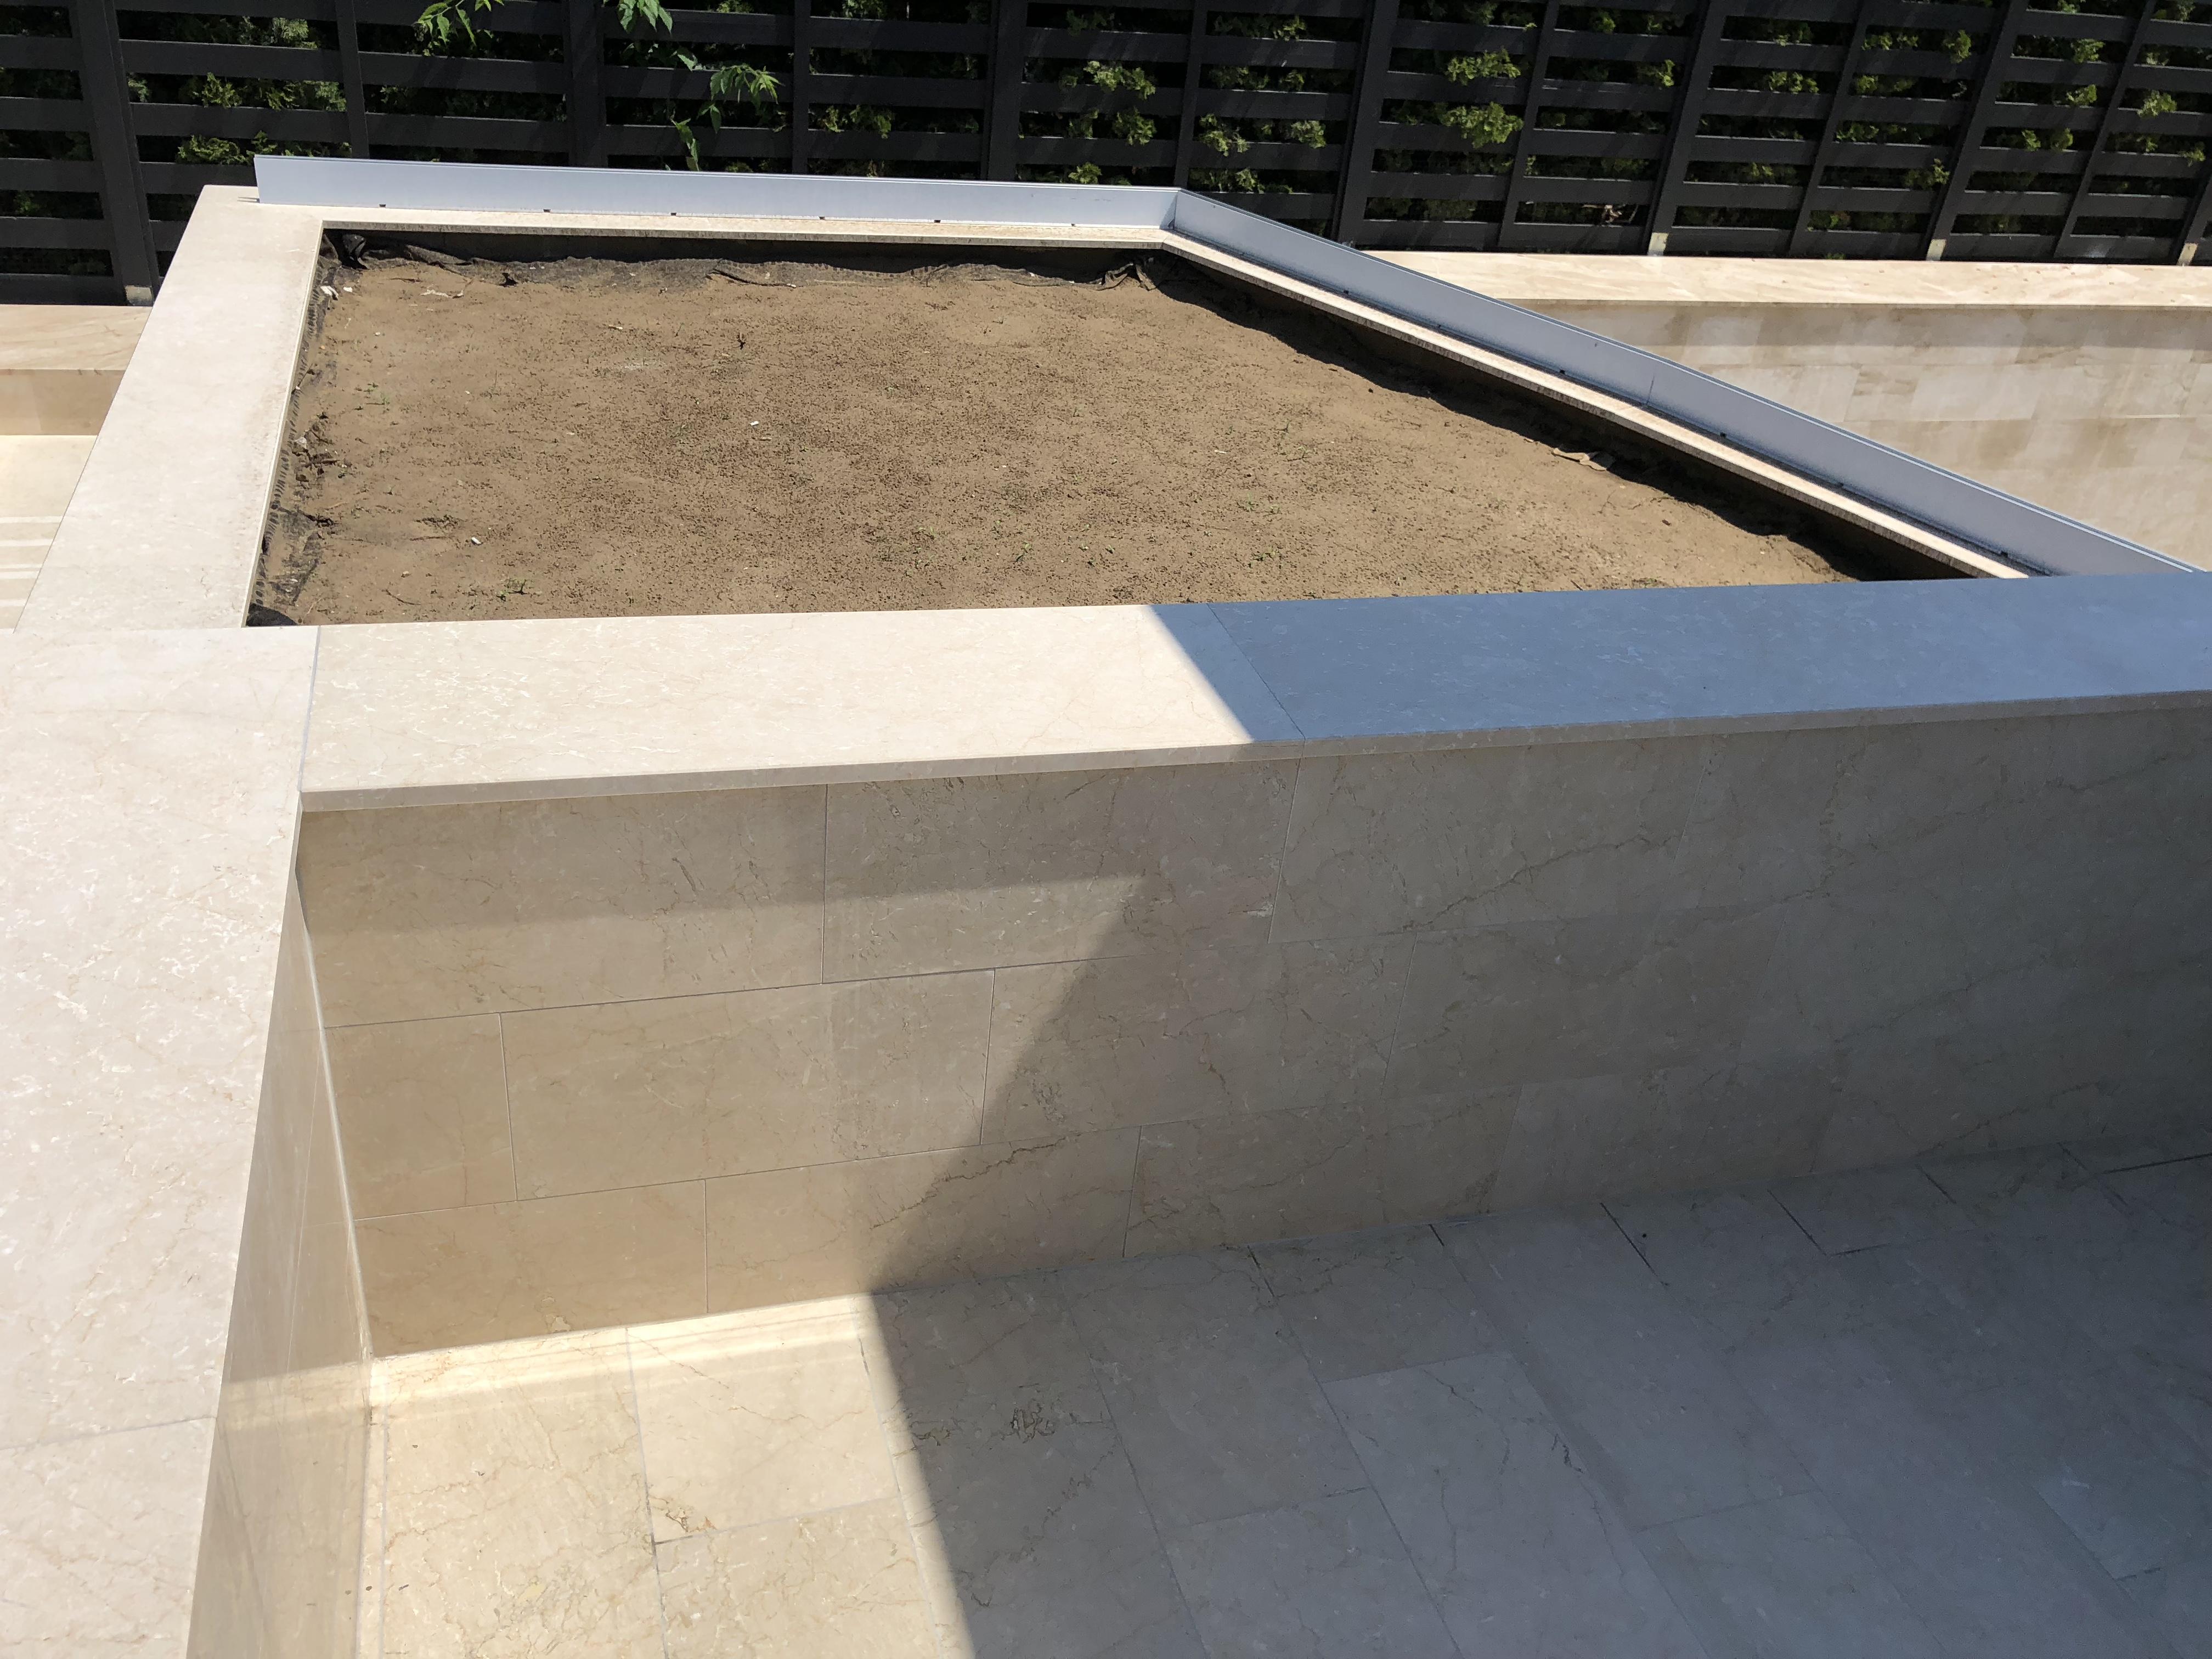 Botticino márvány fedlap x 2cm vastagság teljes megmunkálással, vízorral, fényes felülettel